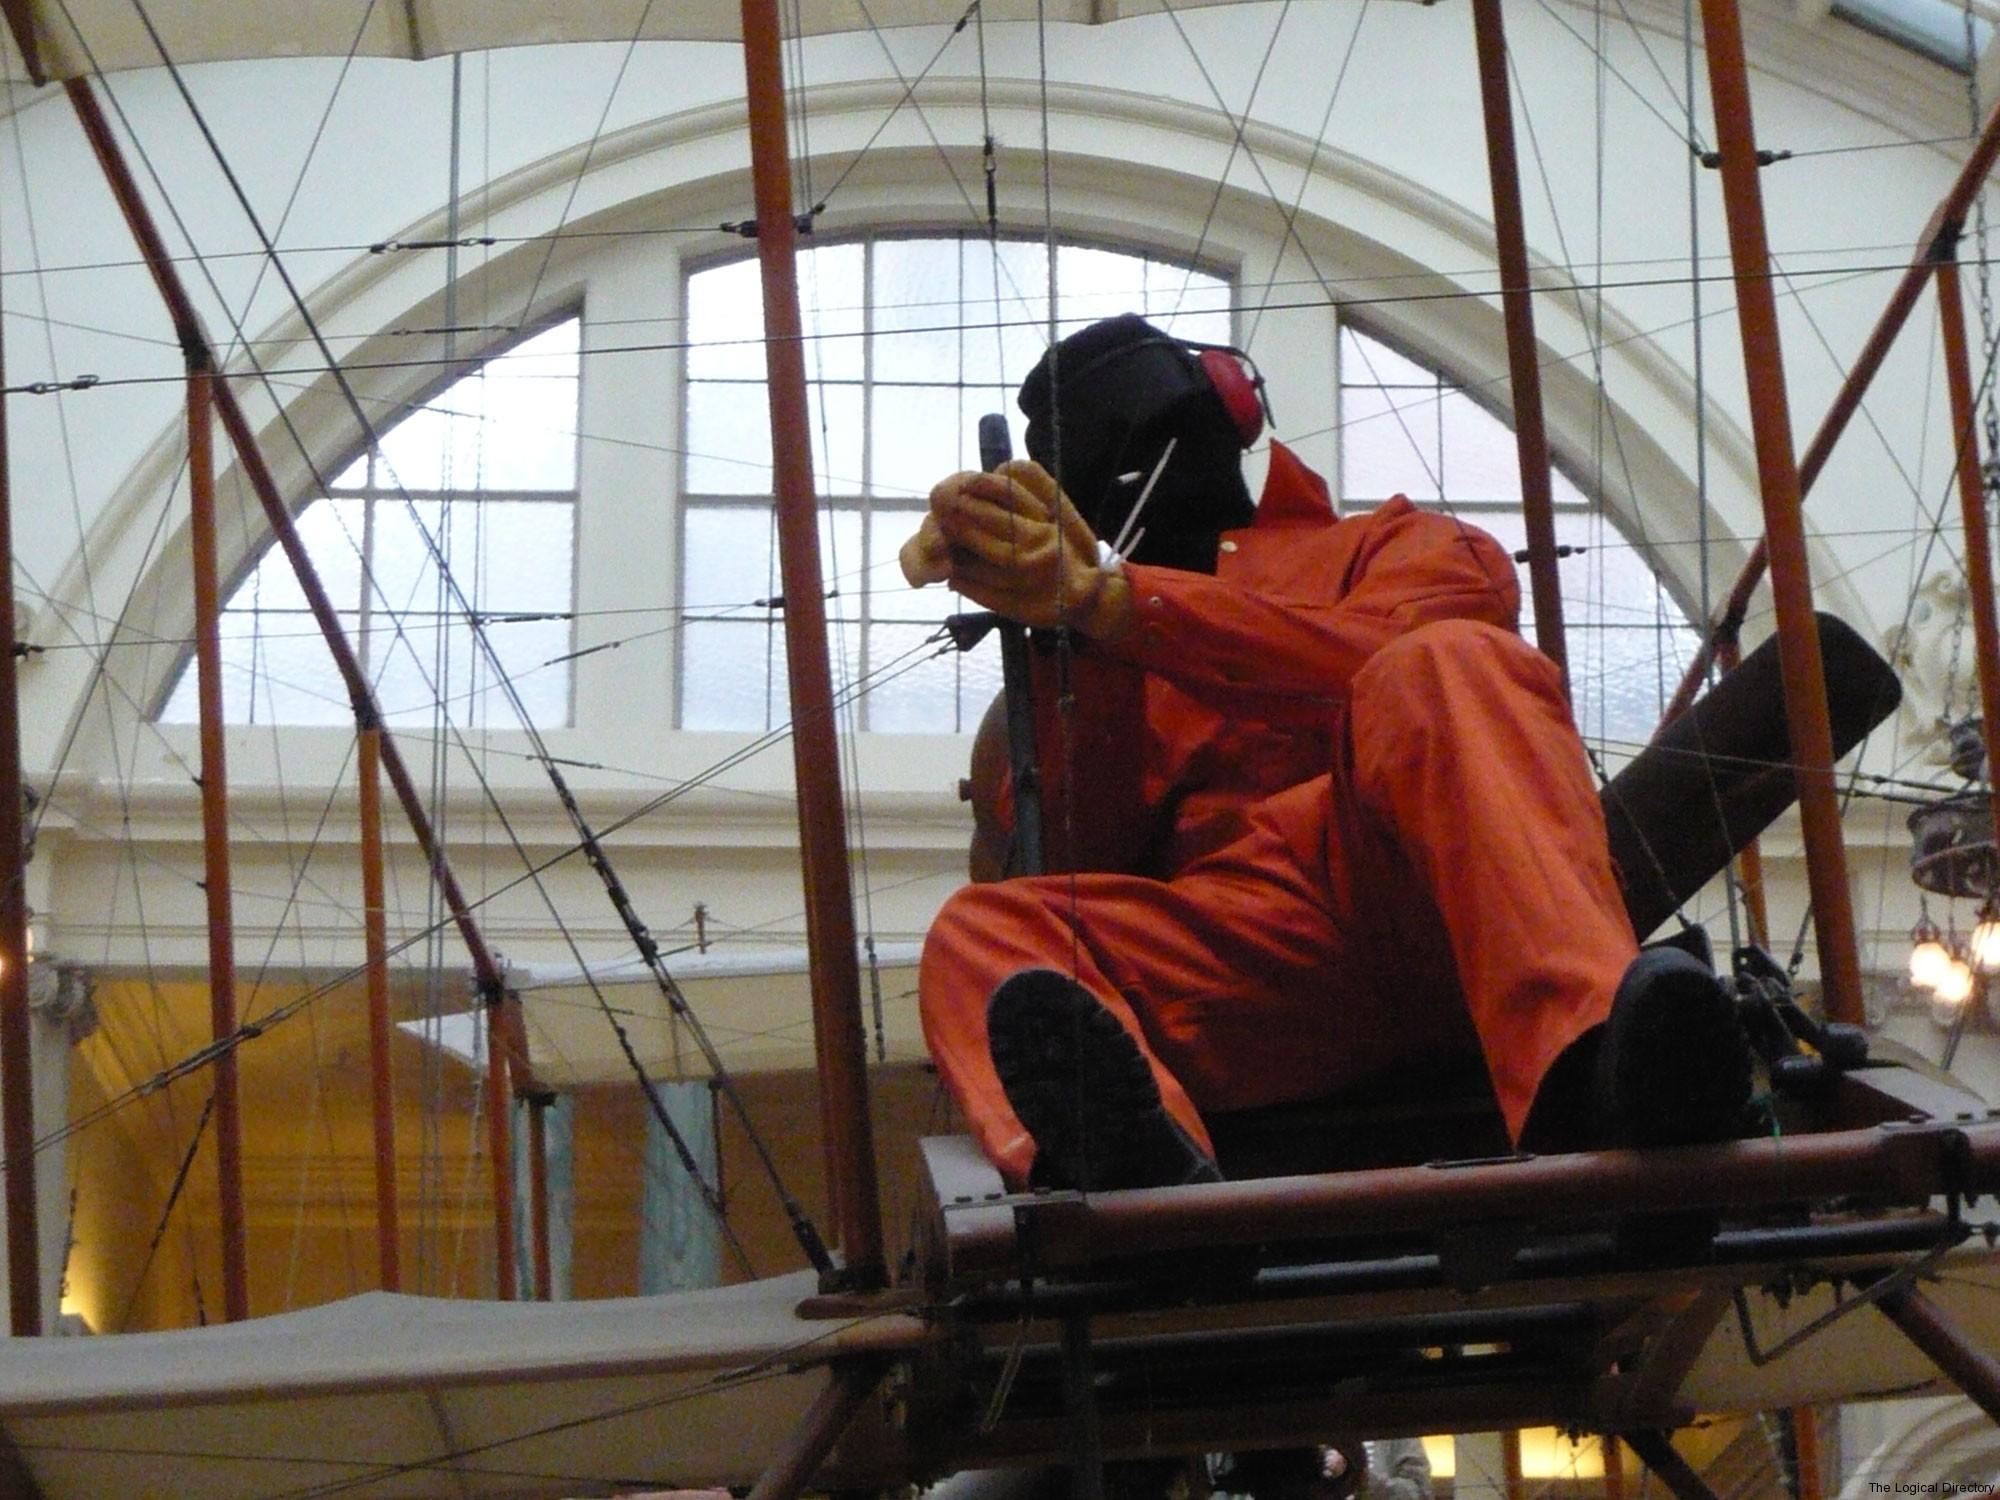 Banksy - Guantanamo Prisoner Pilot